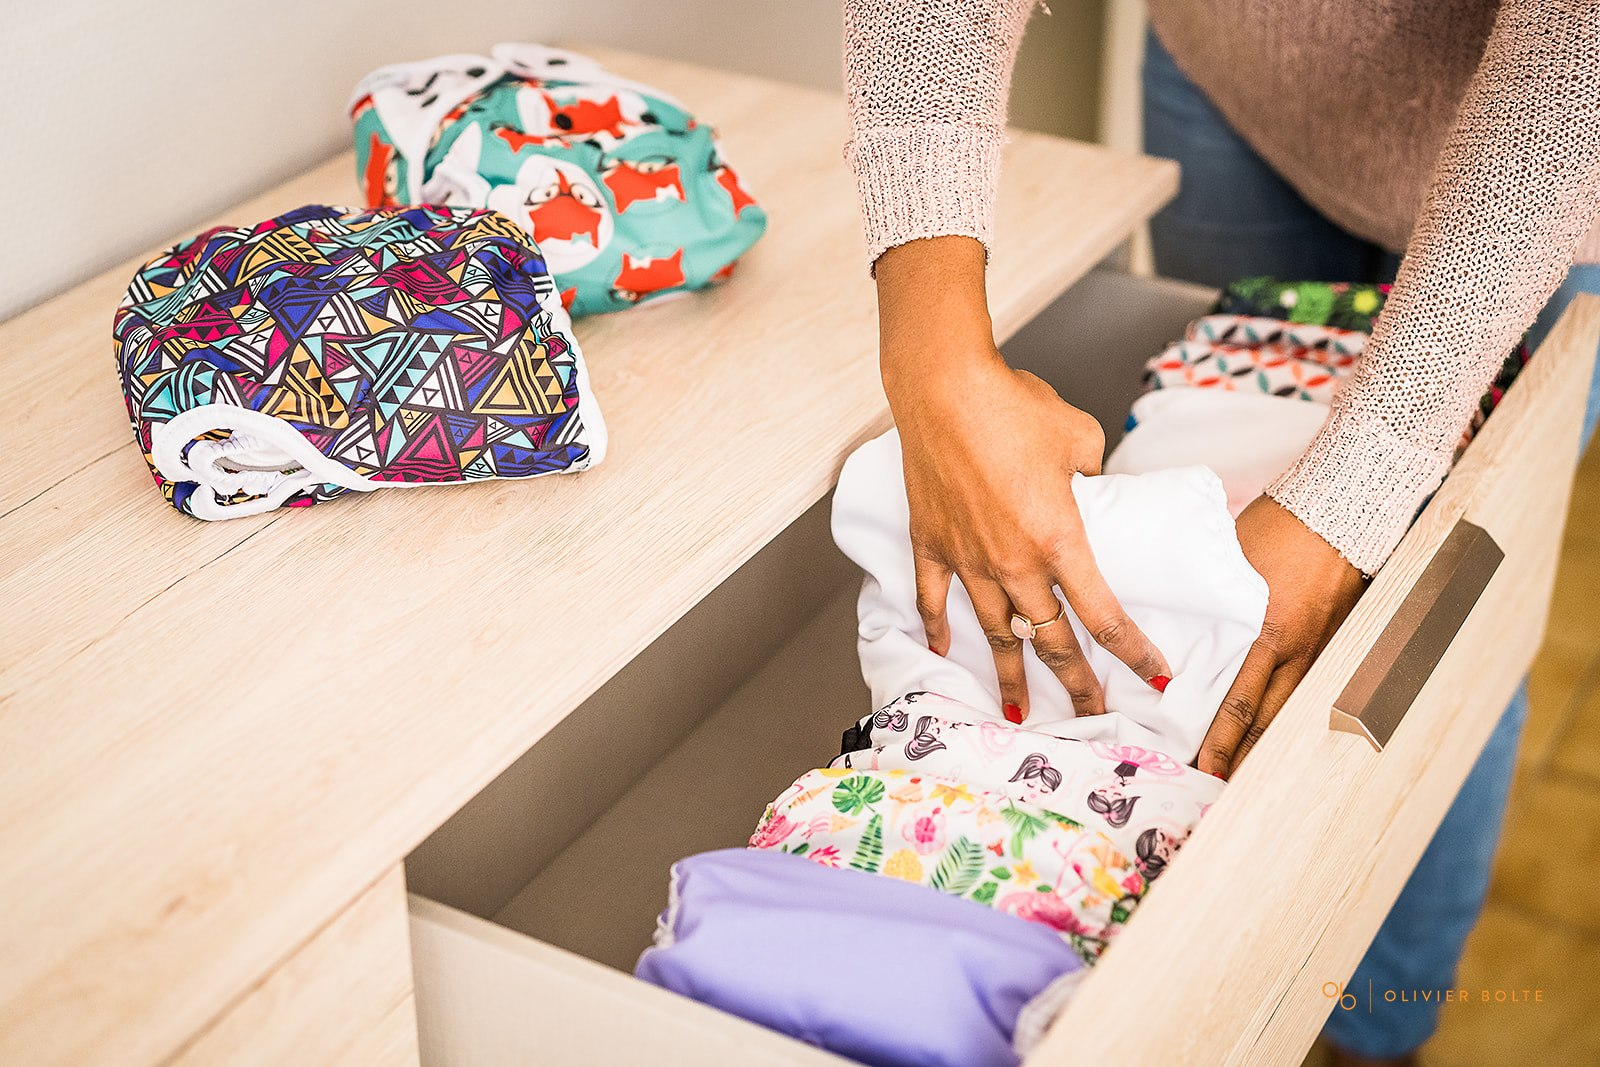 pack couches lavables,pack couche lavable, couche lavable pack, couches lavables pack, pack de couches lavables